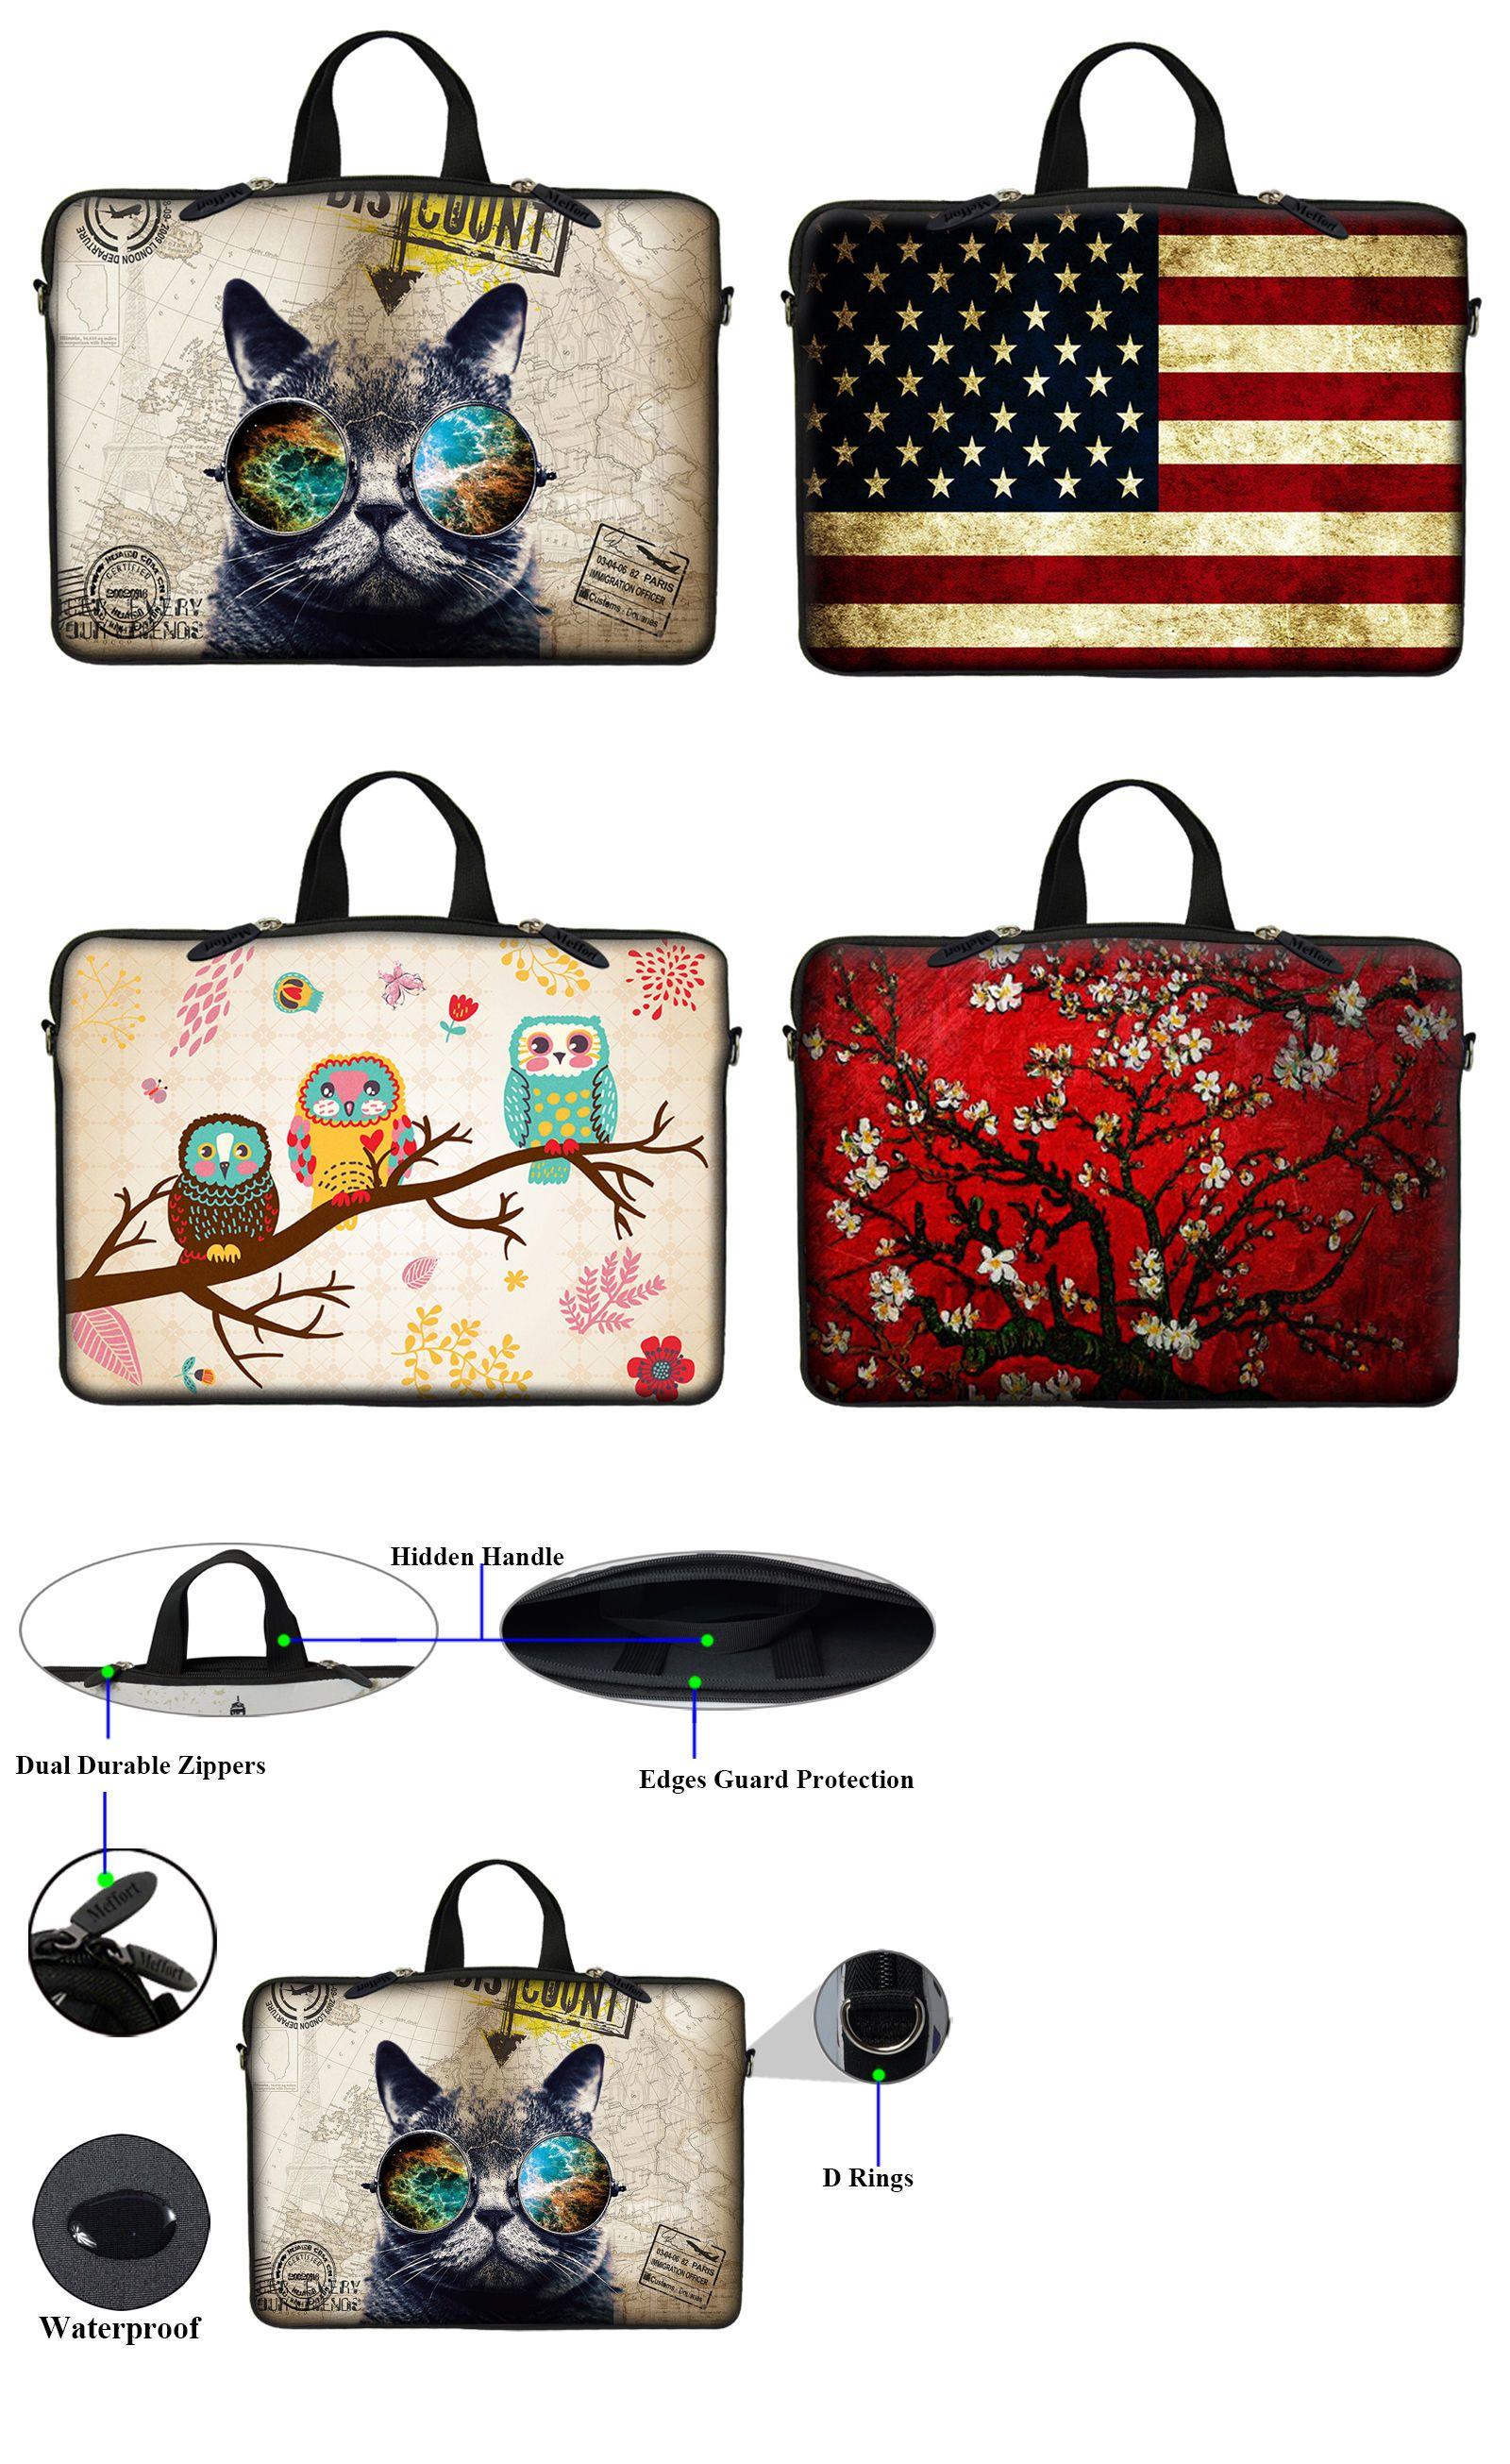 Neoprene Laptop Computer Case Bag With Hidden Handle Fit 10 Inch To 17 3 Inch Laptop Computer Case Best Laptop Cases 17 Inch Laptop Bag